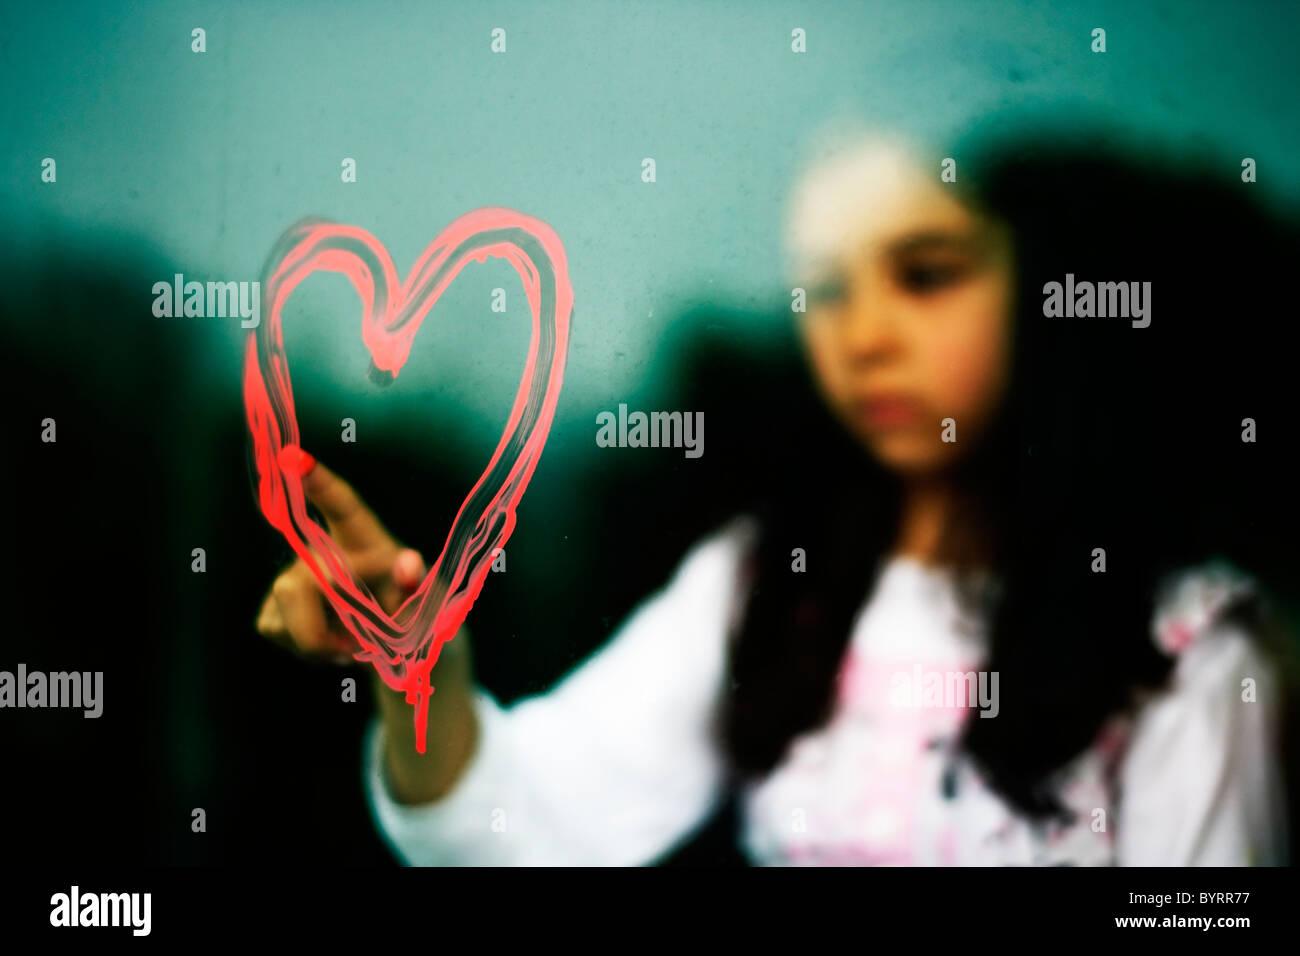 Mädchen zieht Herzform auf schmutzige Fenster mit ihrem Finger in roter Farbe Stockbild